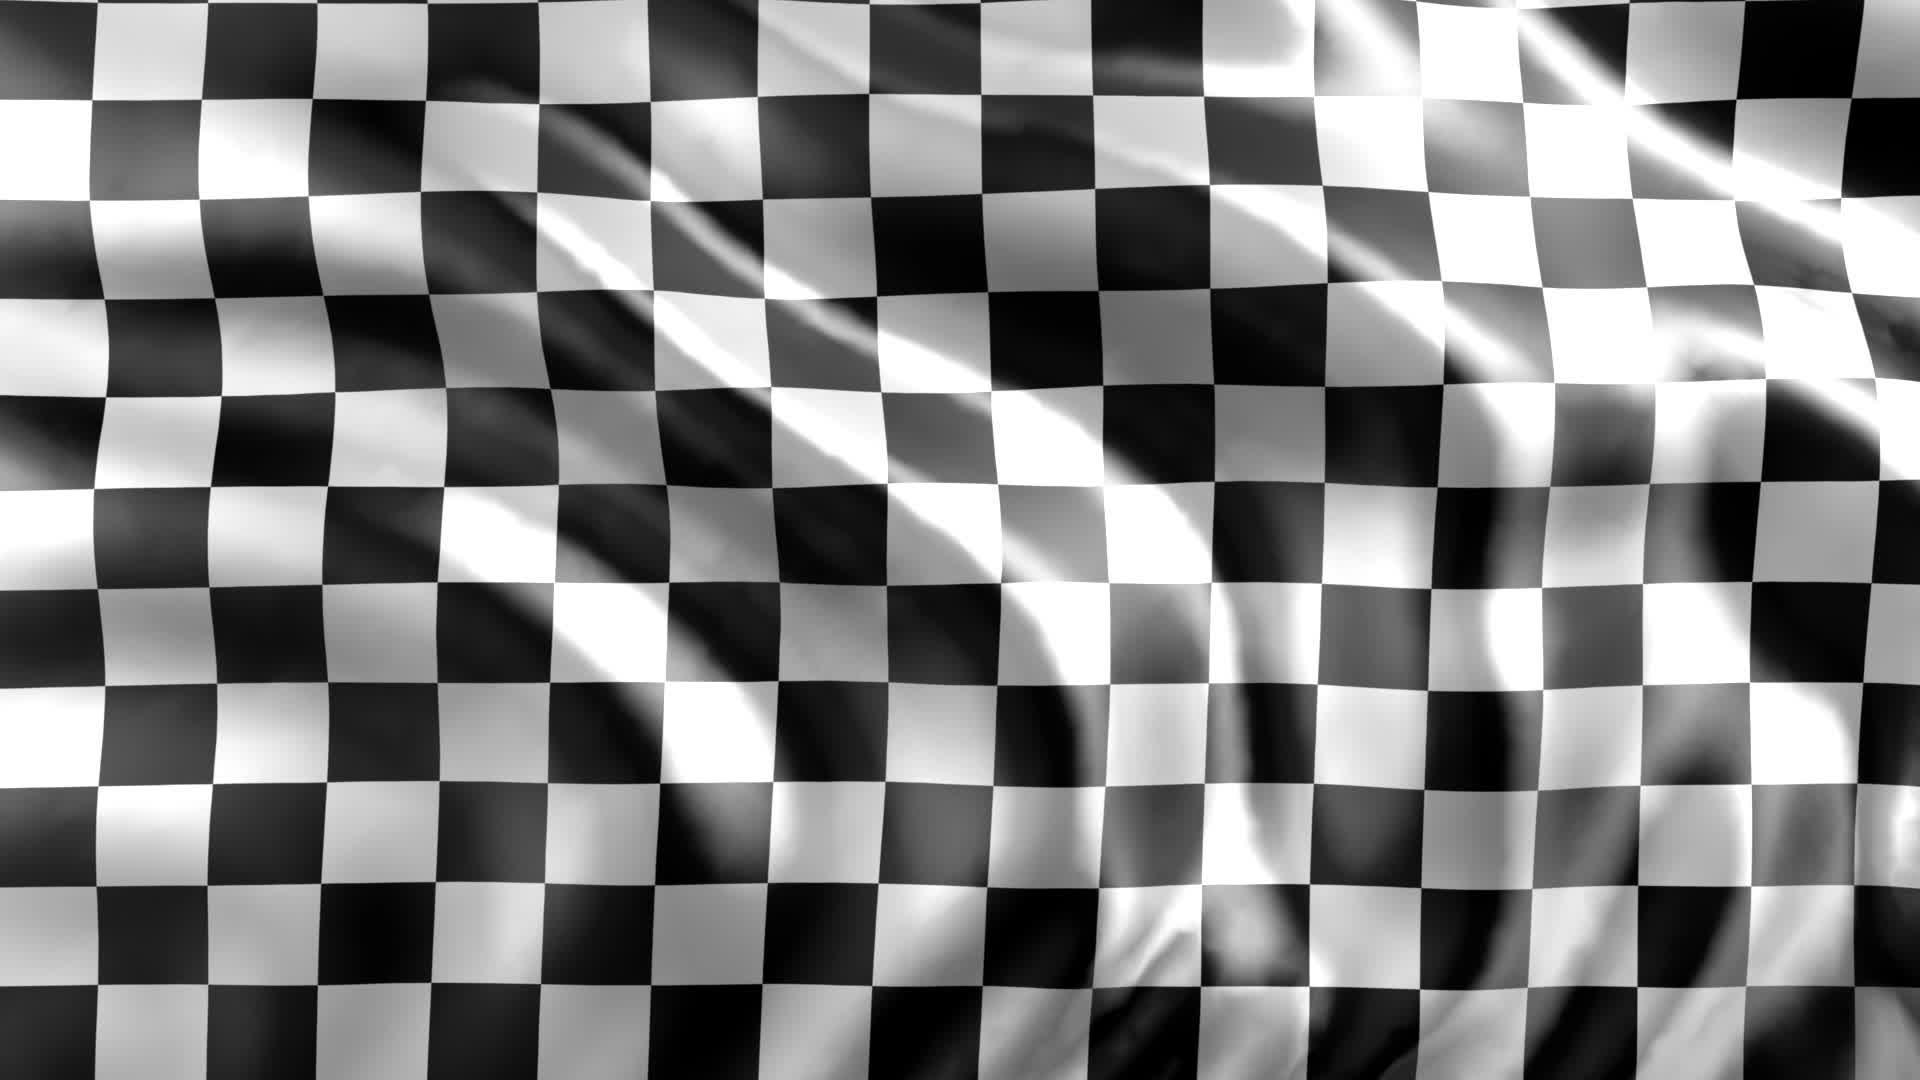 Racing Flag Wallpapers